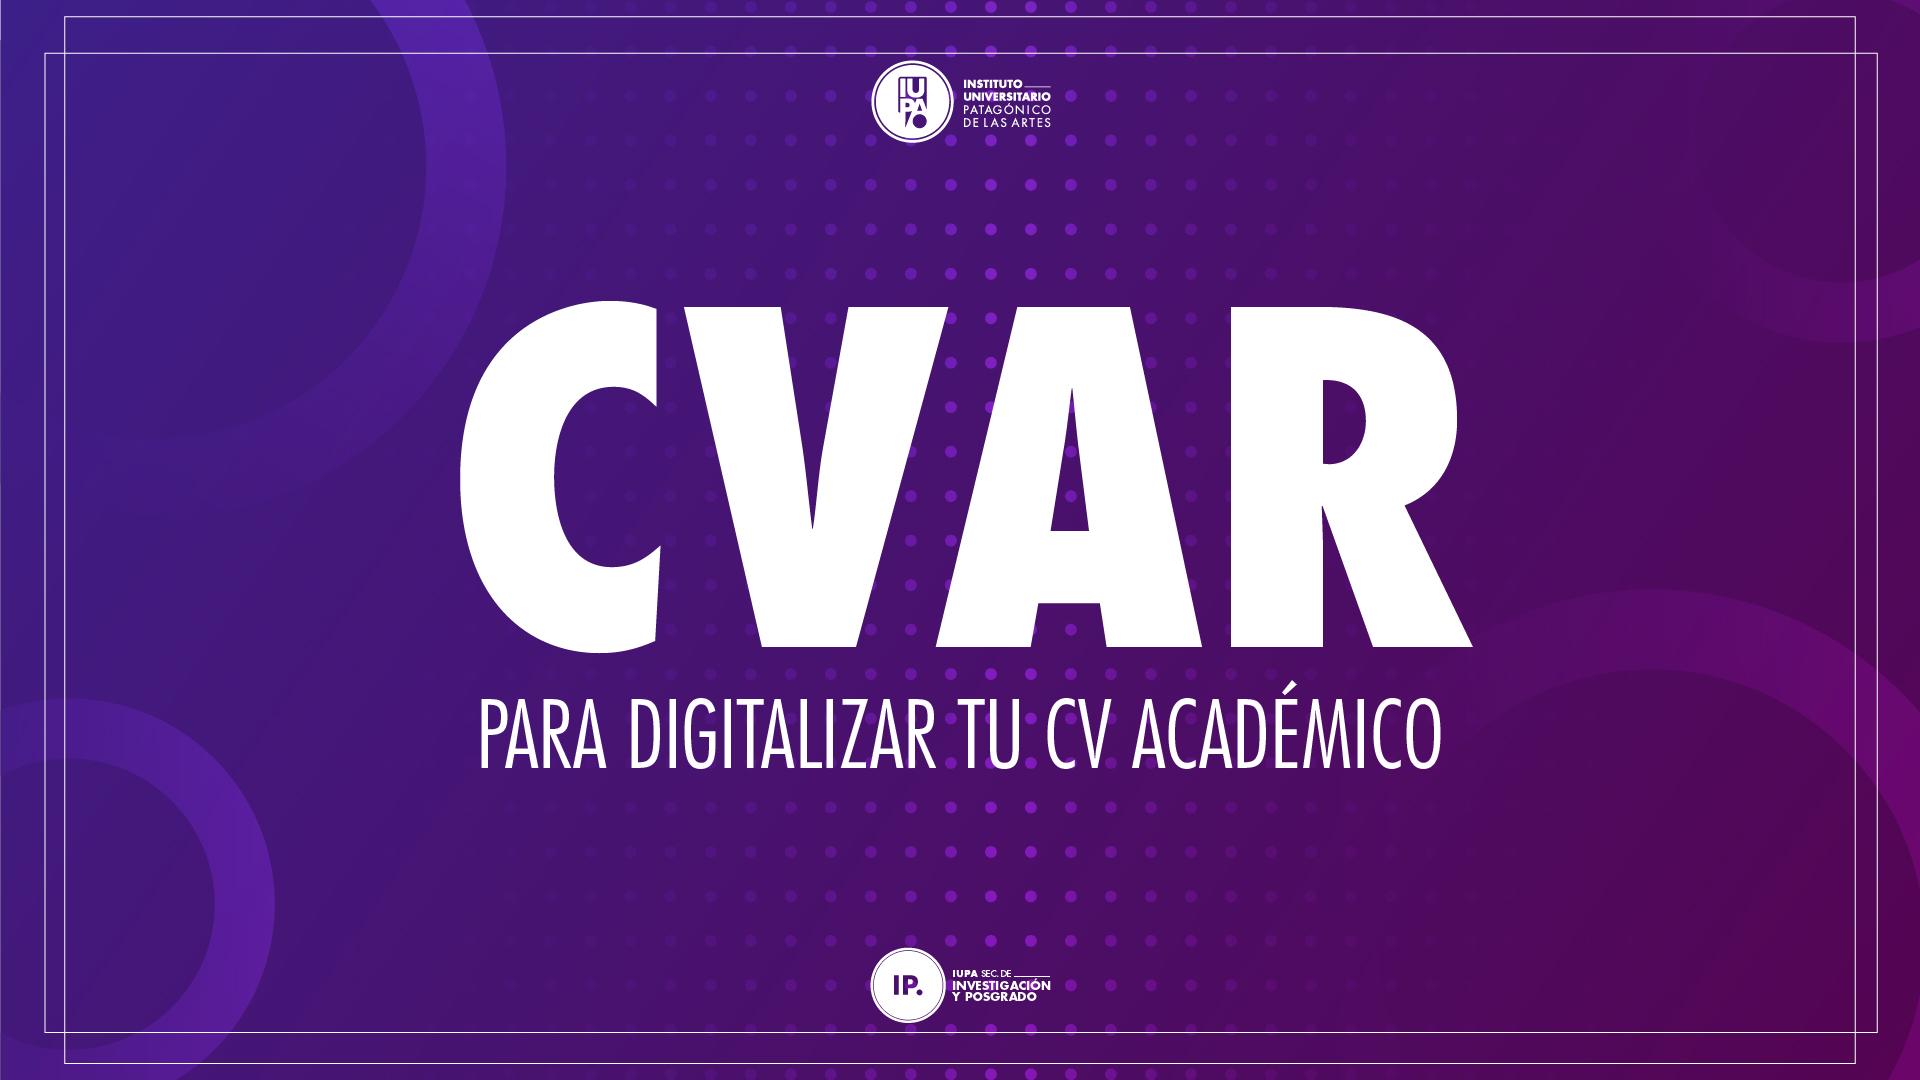 flyer CV AR